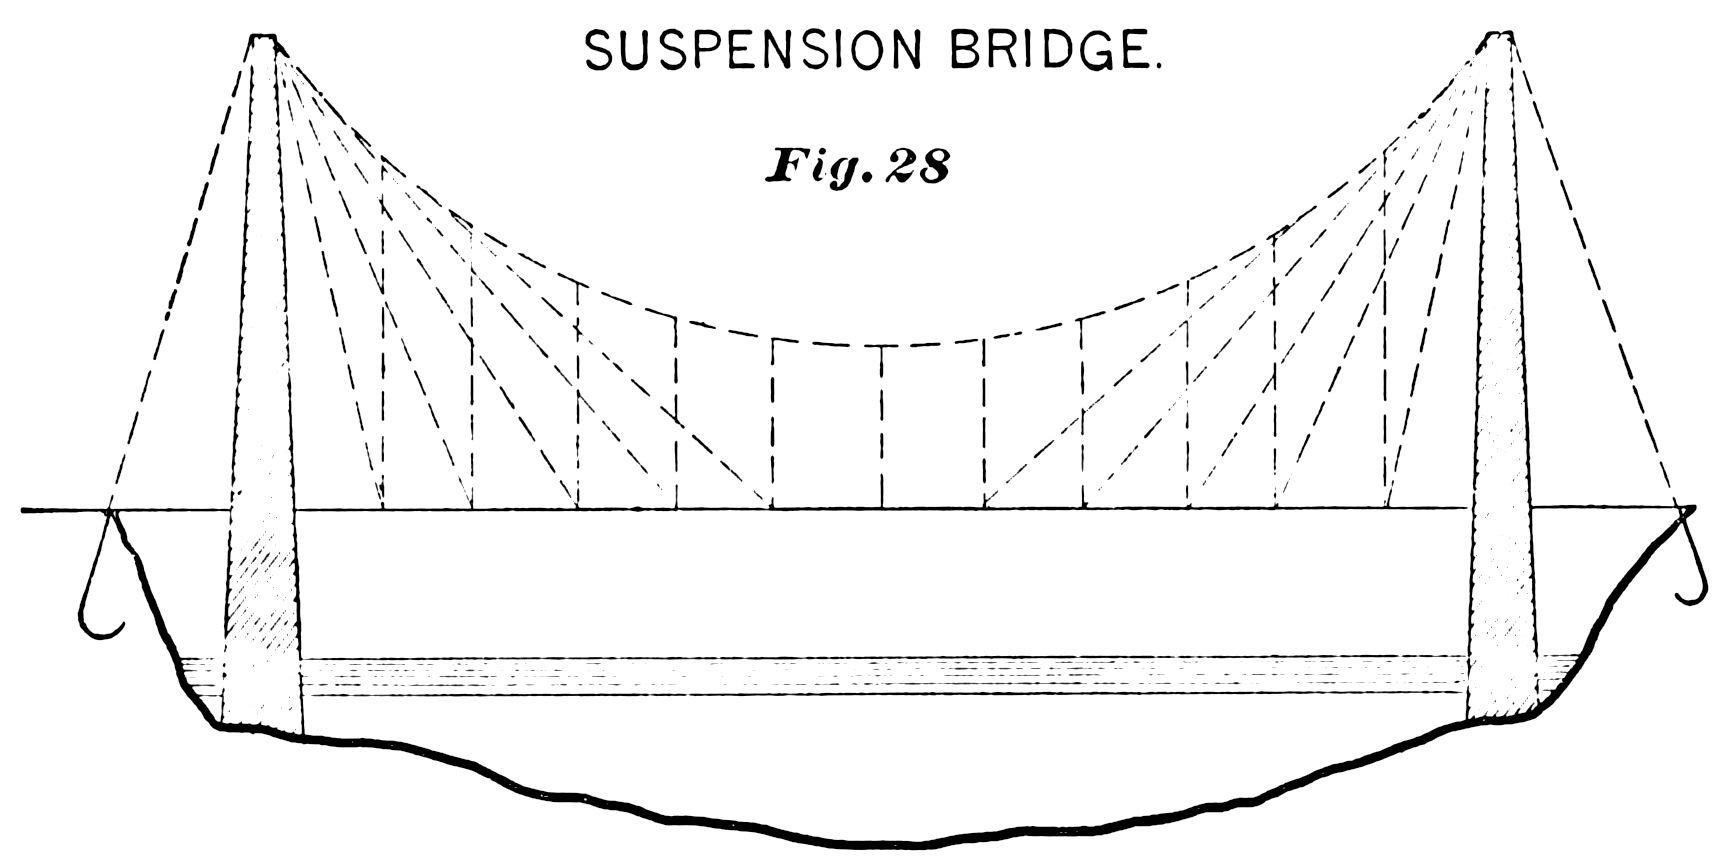 Suspension Bridge Diagram